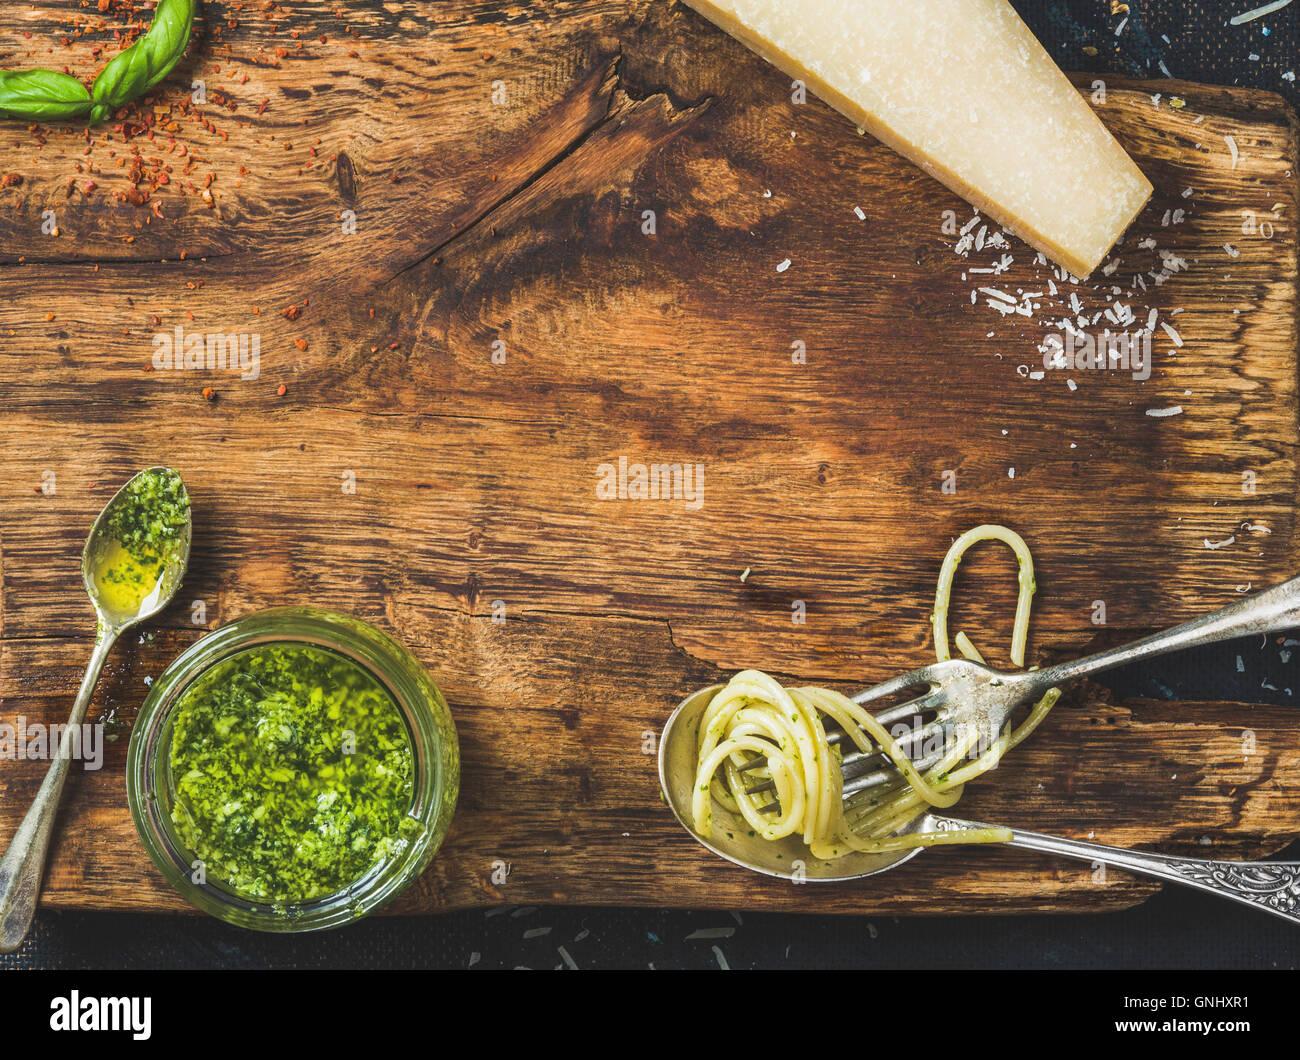 Italienische Küche kochen Hintergrund. Glas mit Pesto-Sauce, Löffel und Gabel mit gekochten Spaghetti, Stockbild